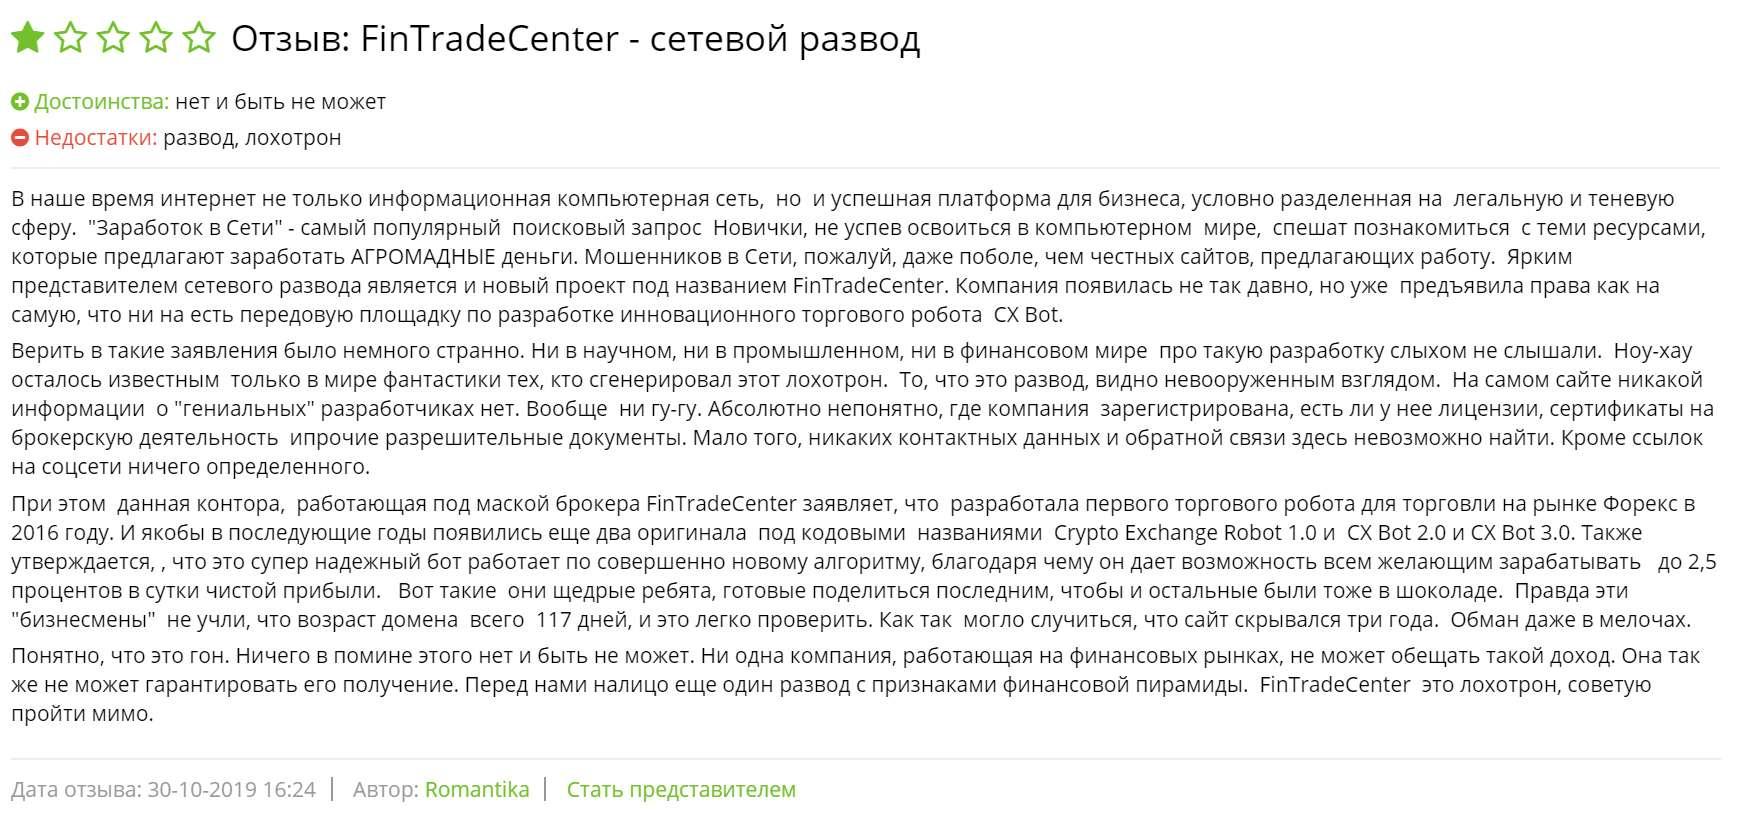 Отзывы и обзор FinTradeCenter и робот CX BOT - признаки лохотрона и обмана.